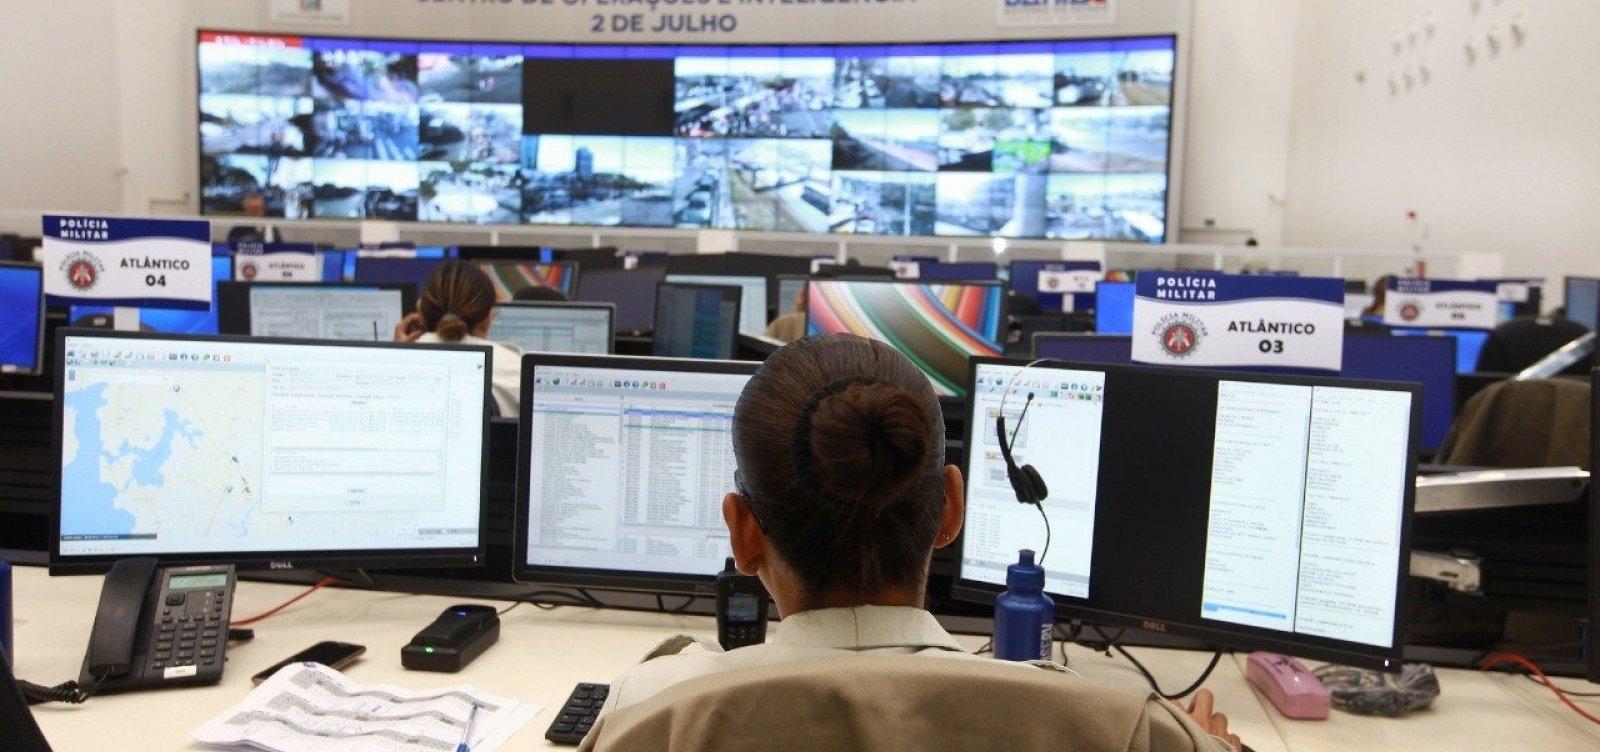 Governo investe R$ 91 milhões em unidades policiais e em tecnologia de videomonitoramento